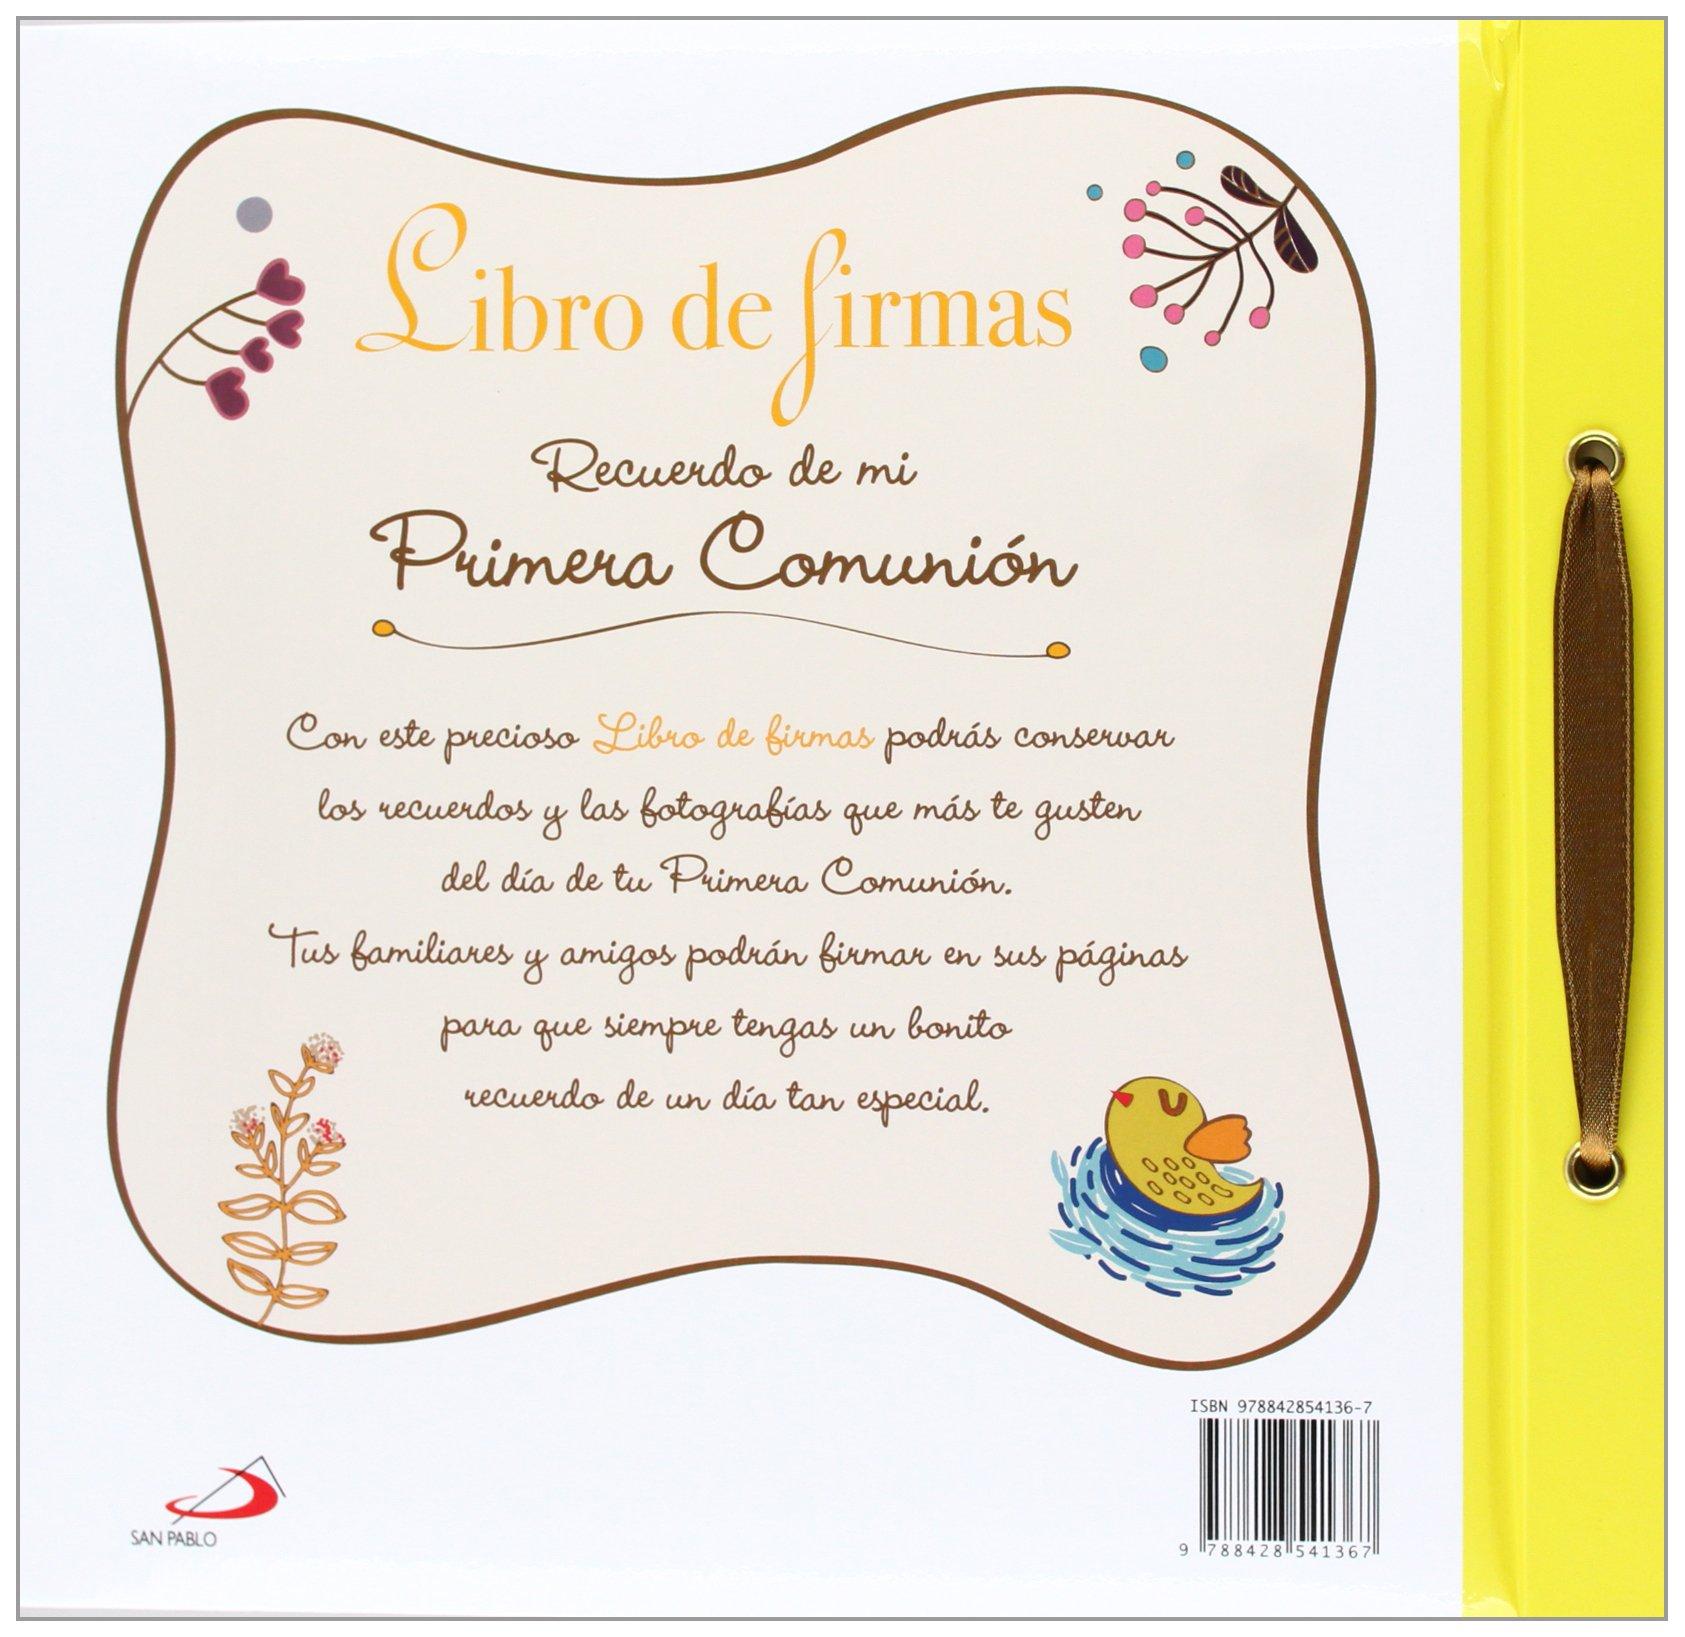 86393ec956f Libro de firmas. Recuerdo de mi Primera Comunión Mis primeros libros   Amazon.es  Equipo San Pablo